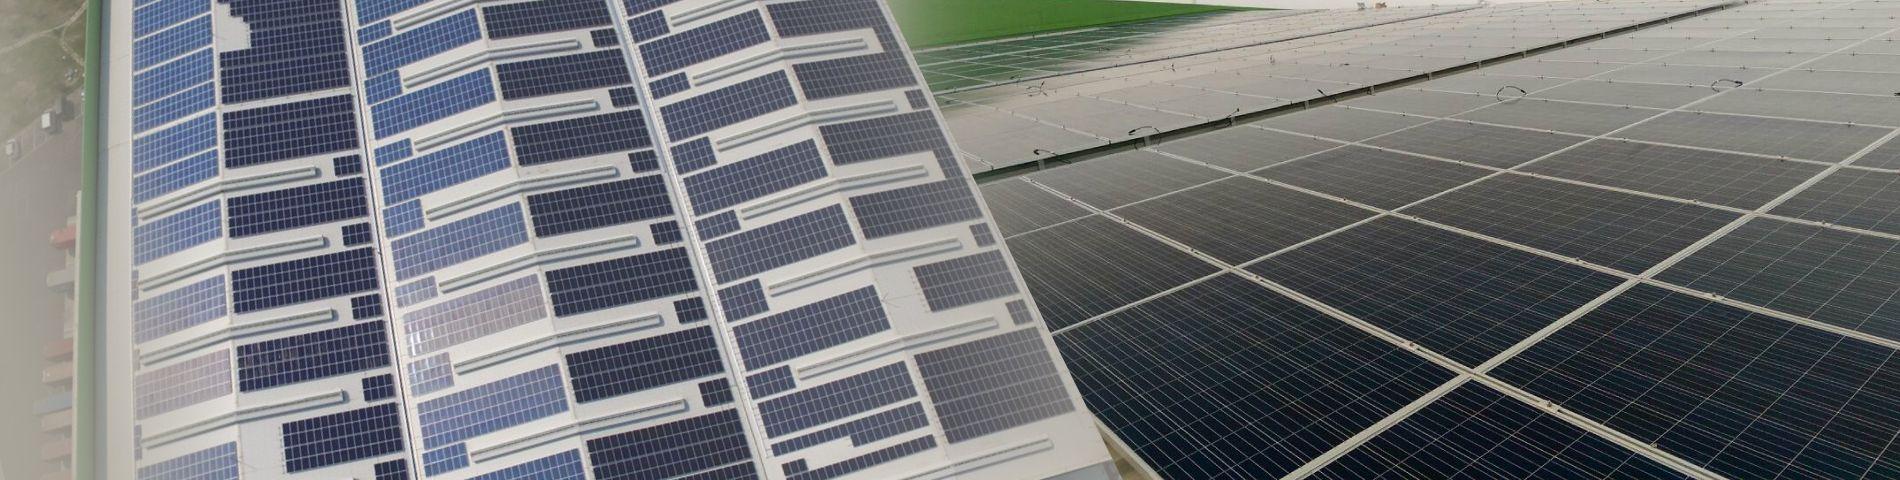 ソーラーパネル 電源装置